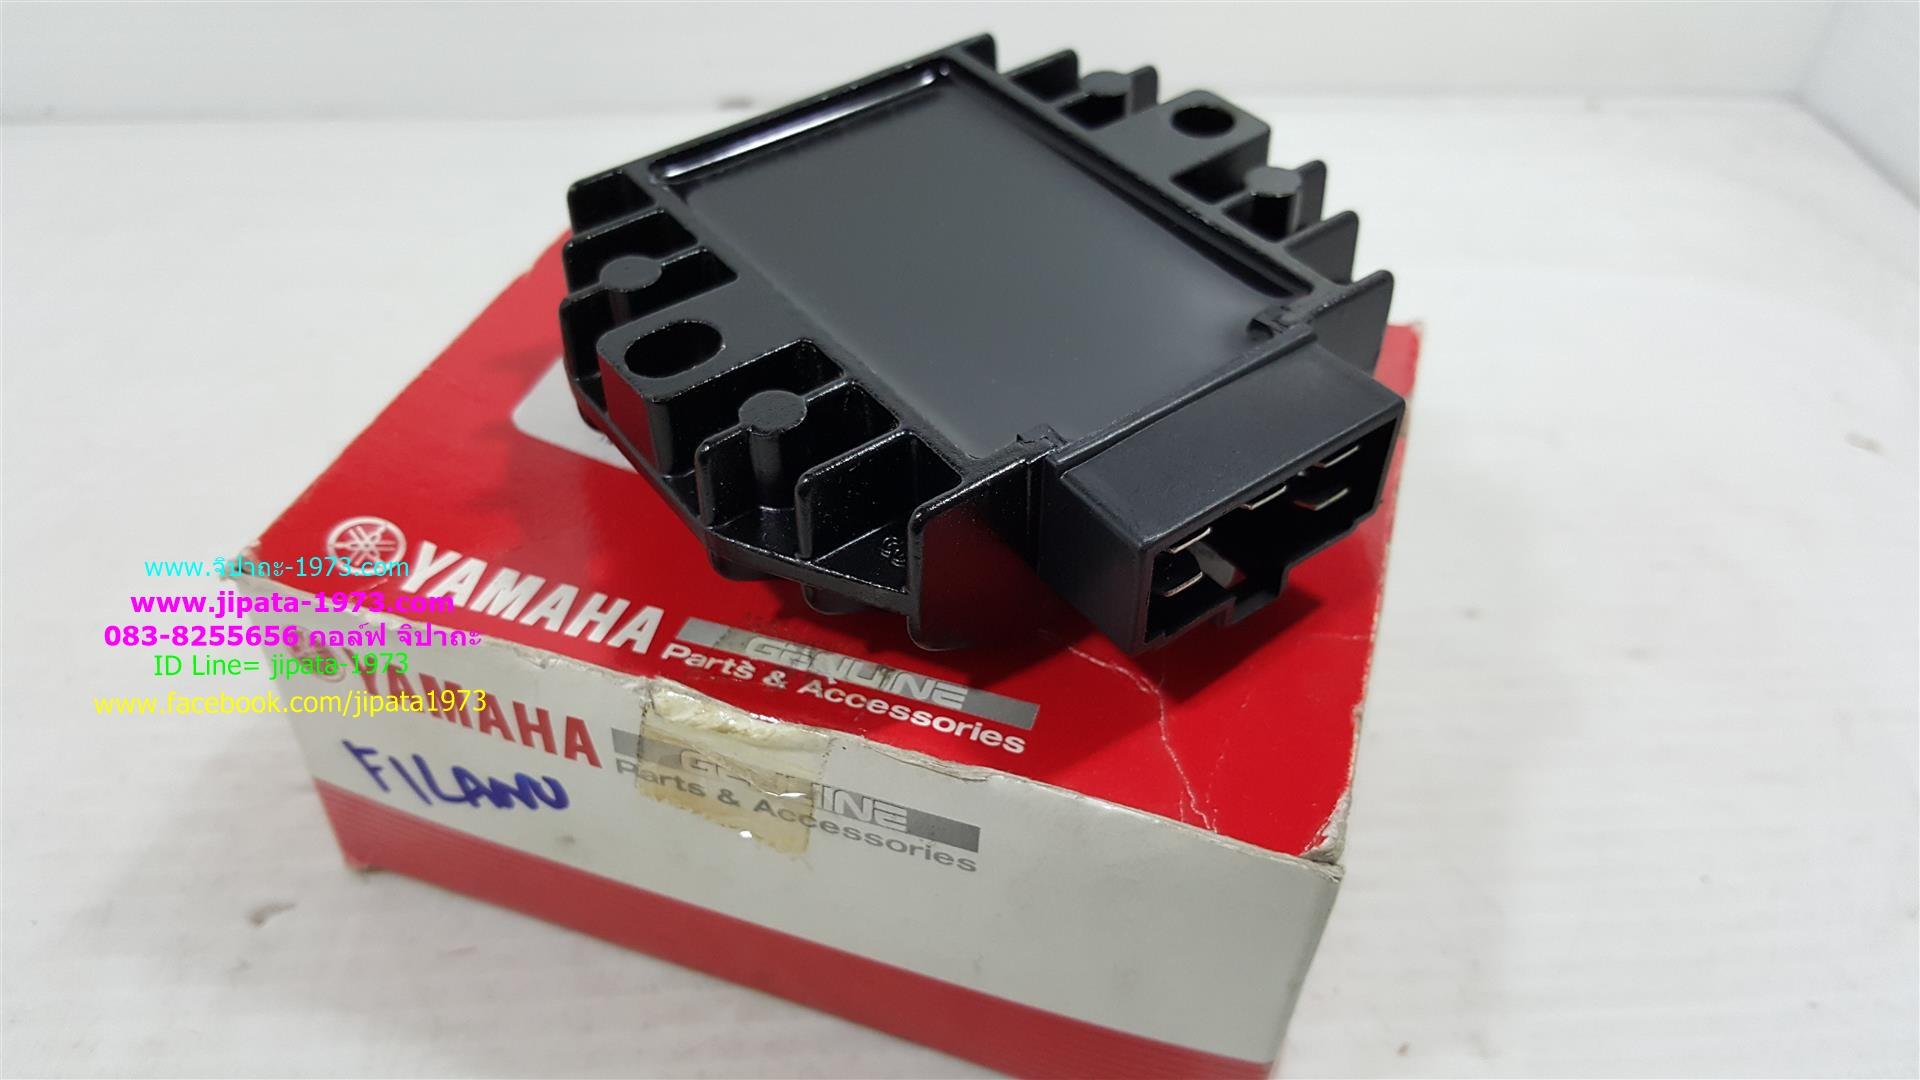 แผ่นชาร์จไฟ Yamaha Filano,Fiore แท้